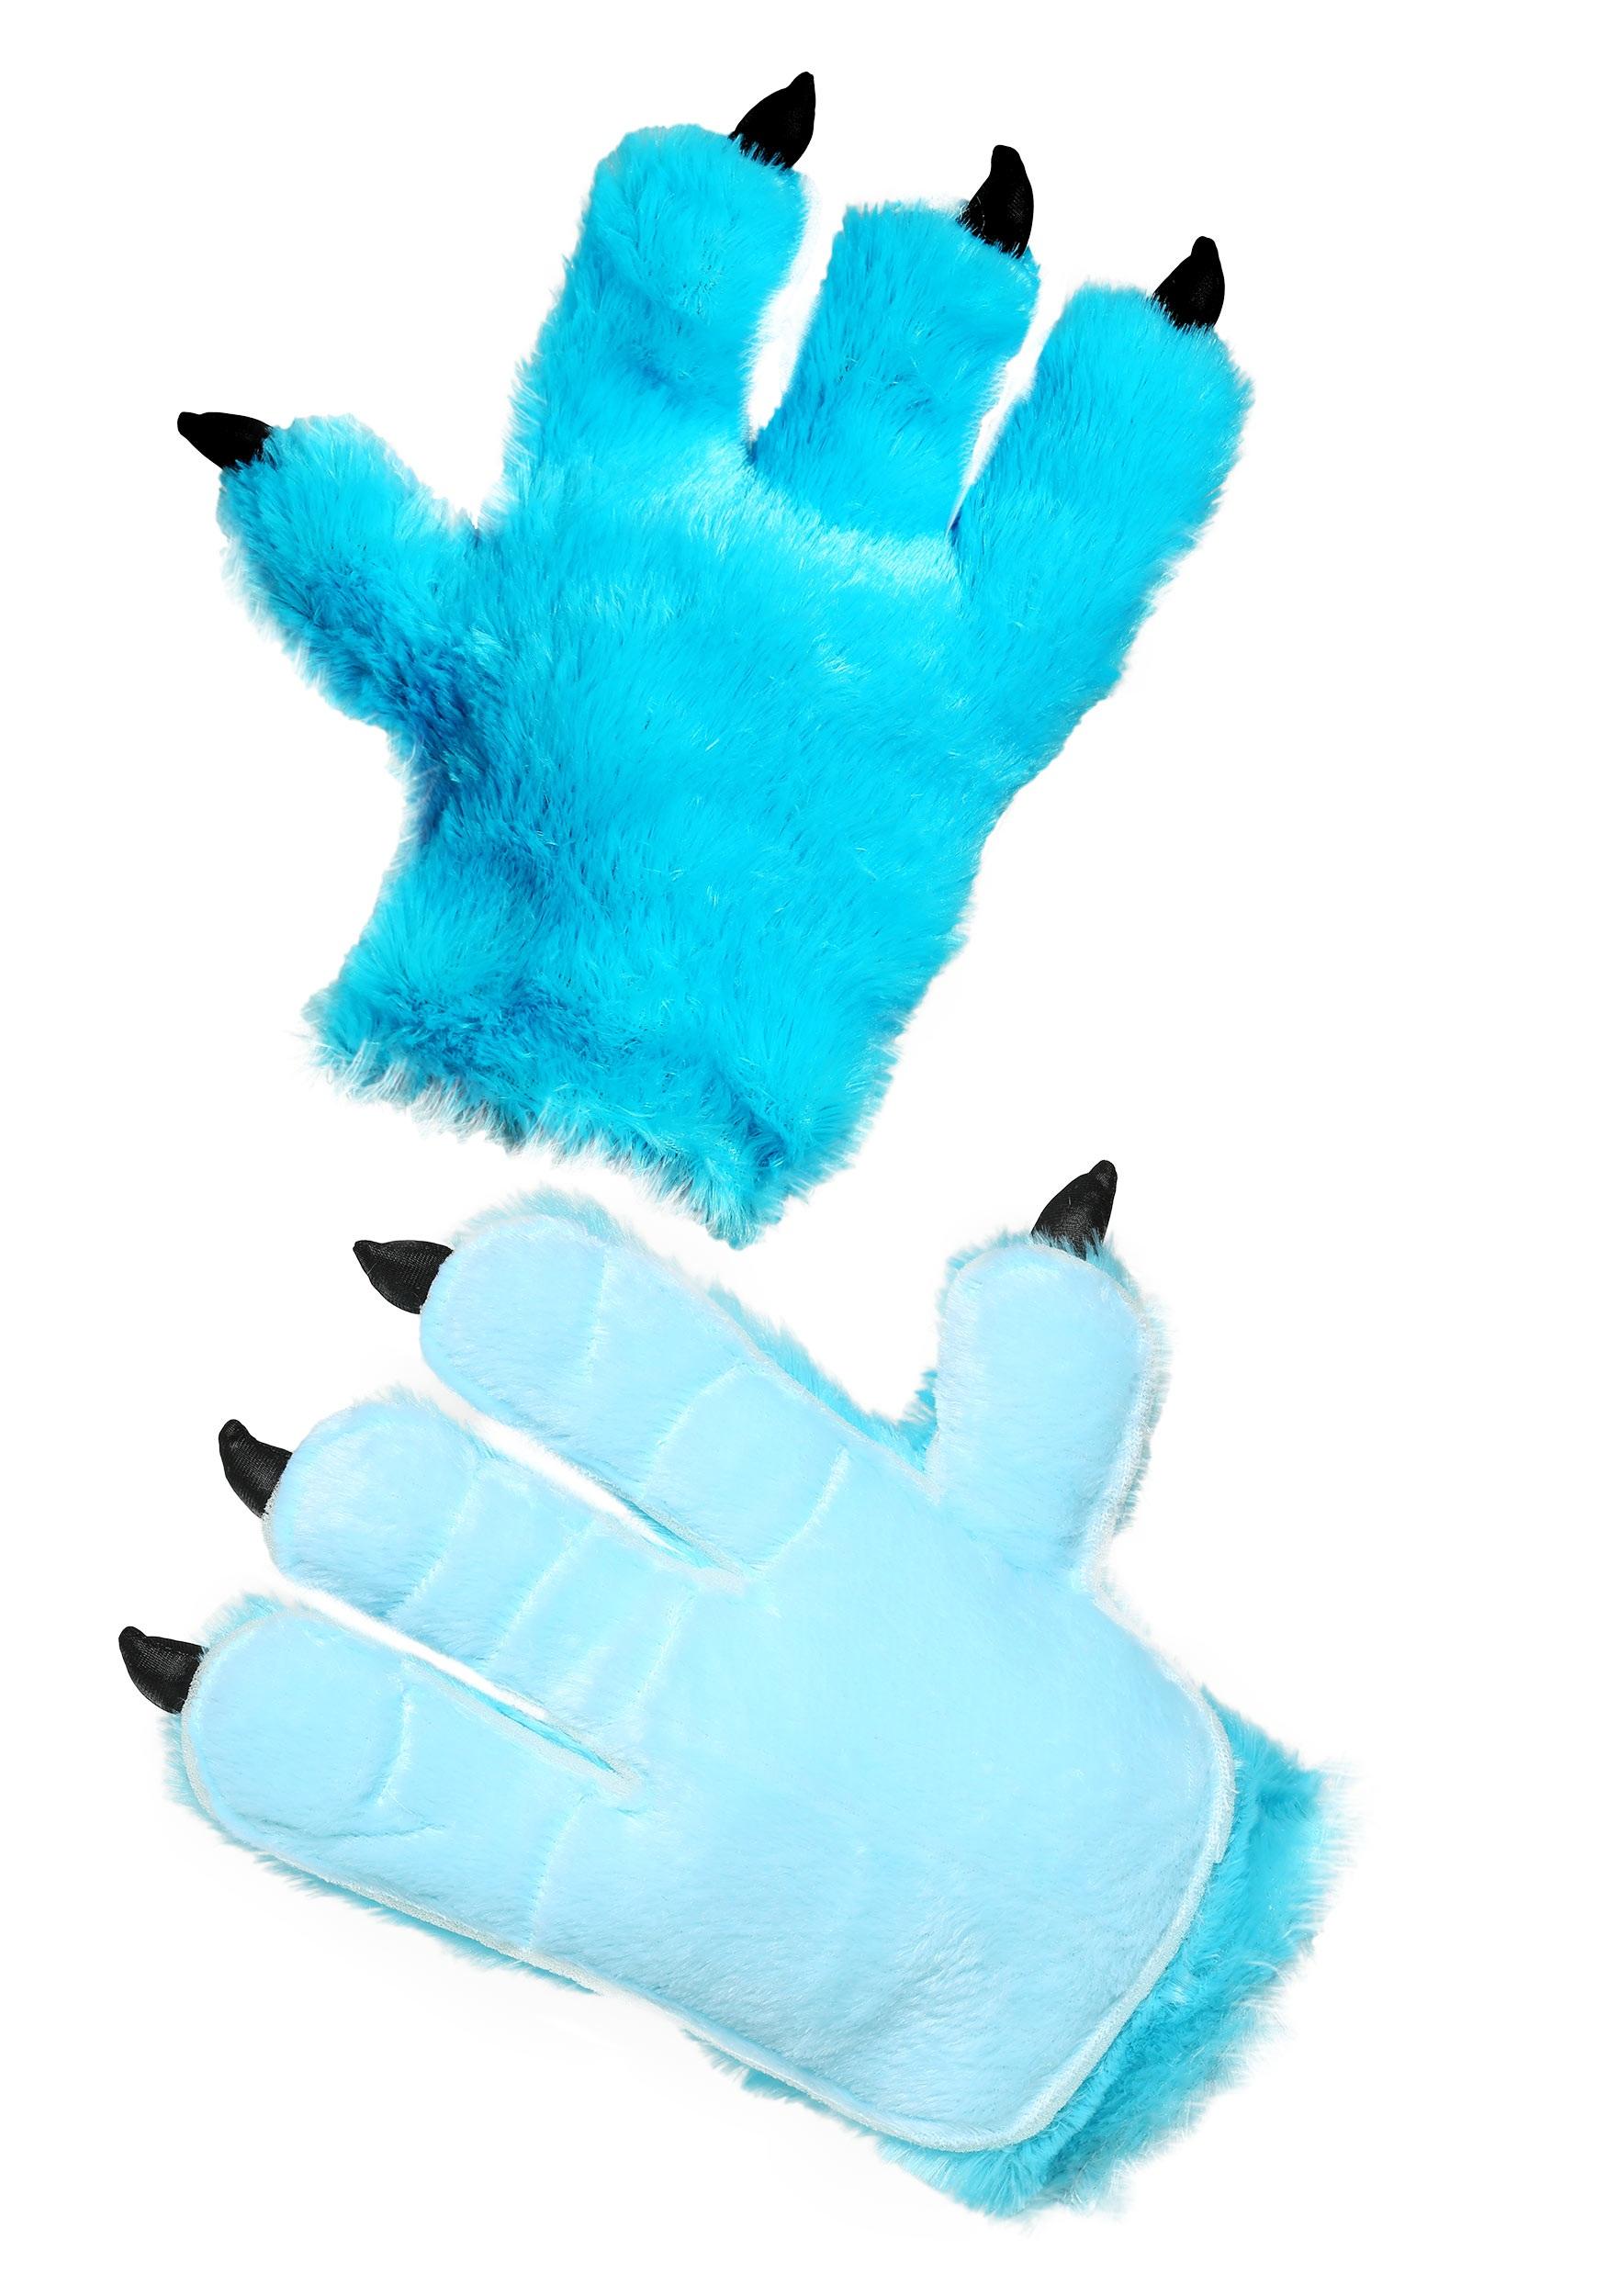 Blue monster adult hands